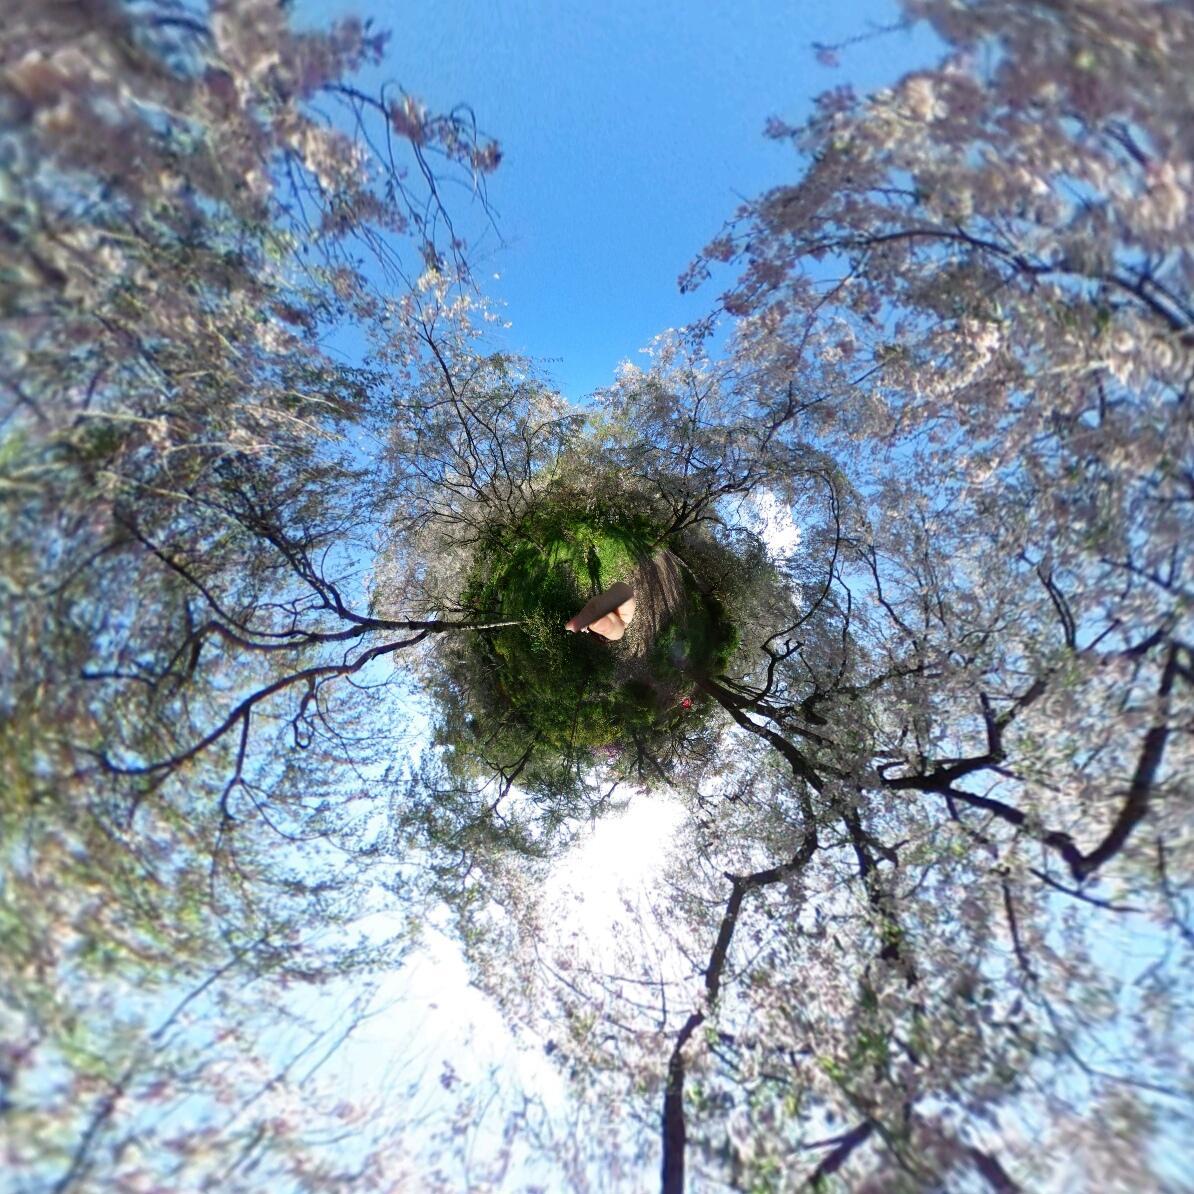 360°カメラで京都の写真を提供します♪ます 気になるスポット、観光、旅行の下見や絵の資料などにも